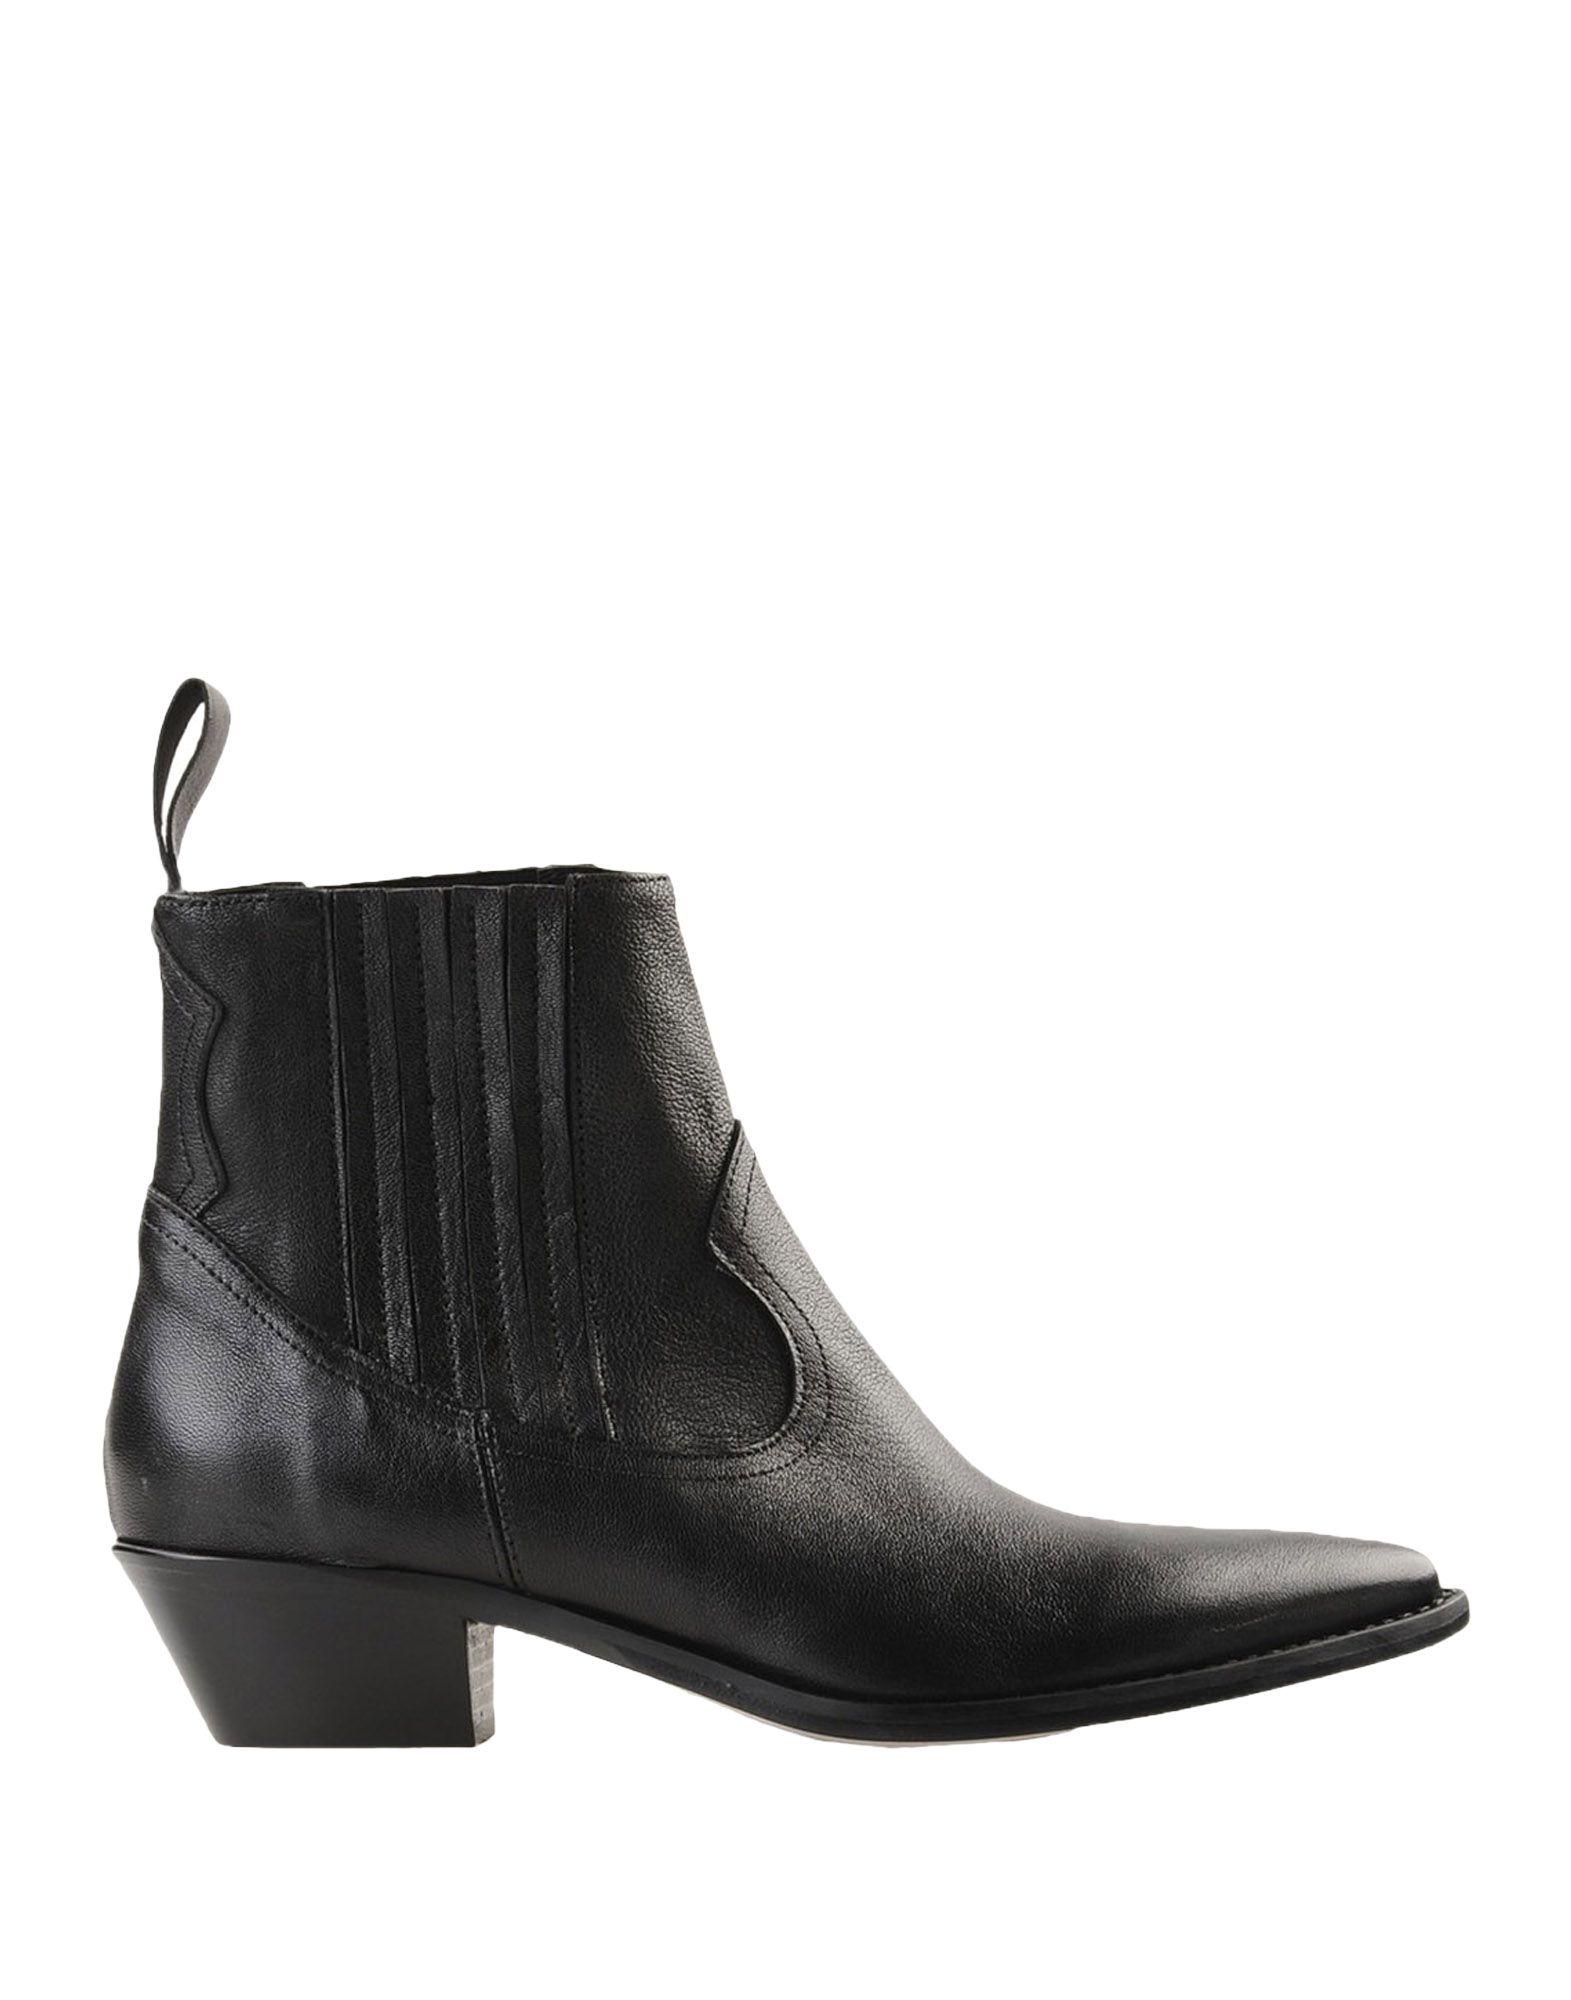 Bottine Lemaré Femme - Bottines Lemaré Noir Chaussures femme pas cher homme et femme